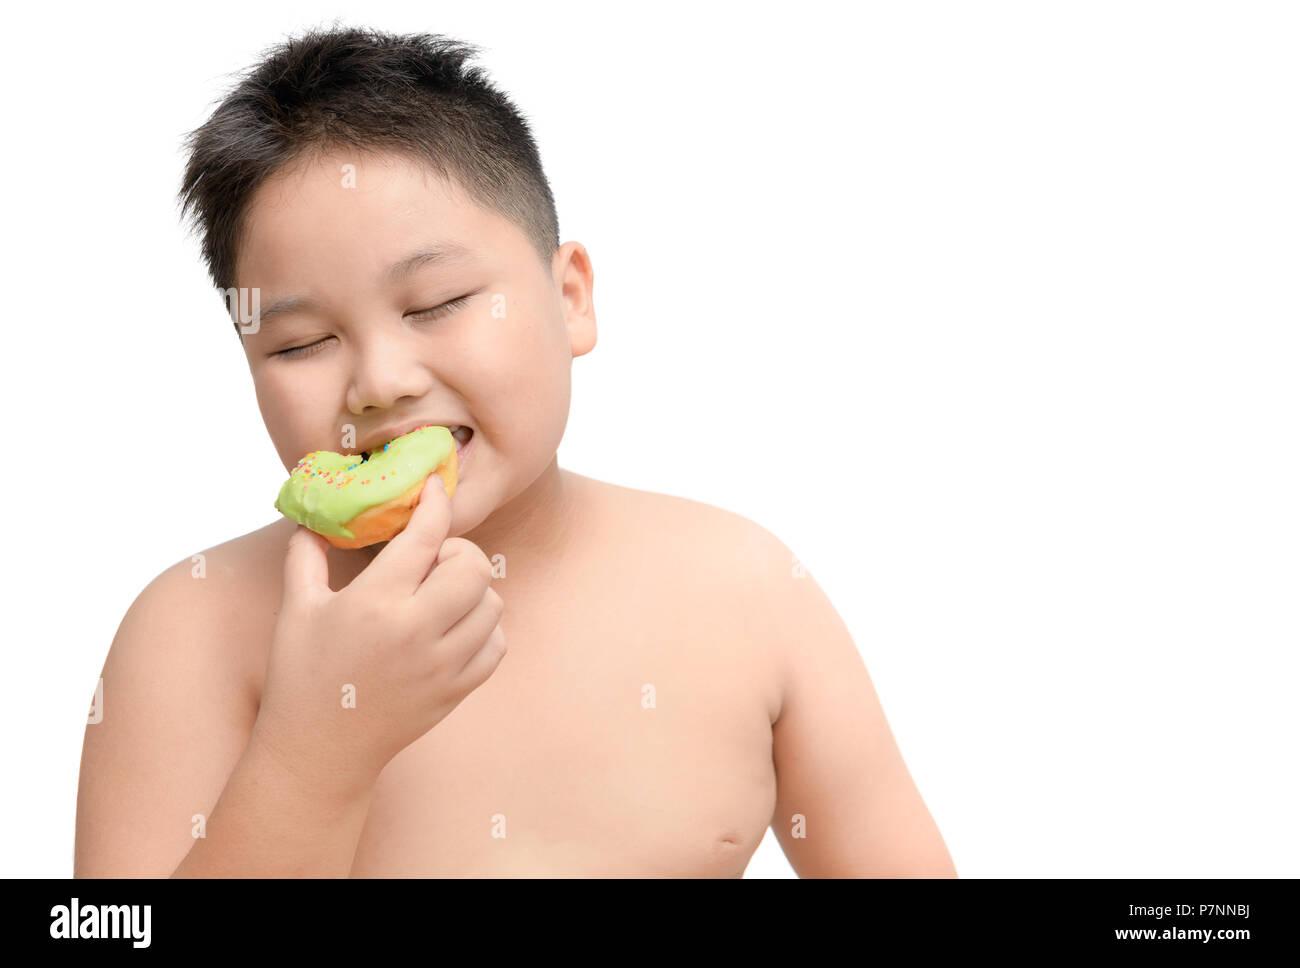 Fat boy profitez d'obèses manger donut isolé sur fond blanc, la malbouffe et les régimes amaigrissants concept Photo Stock